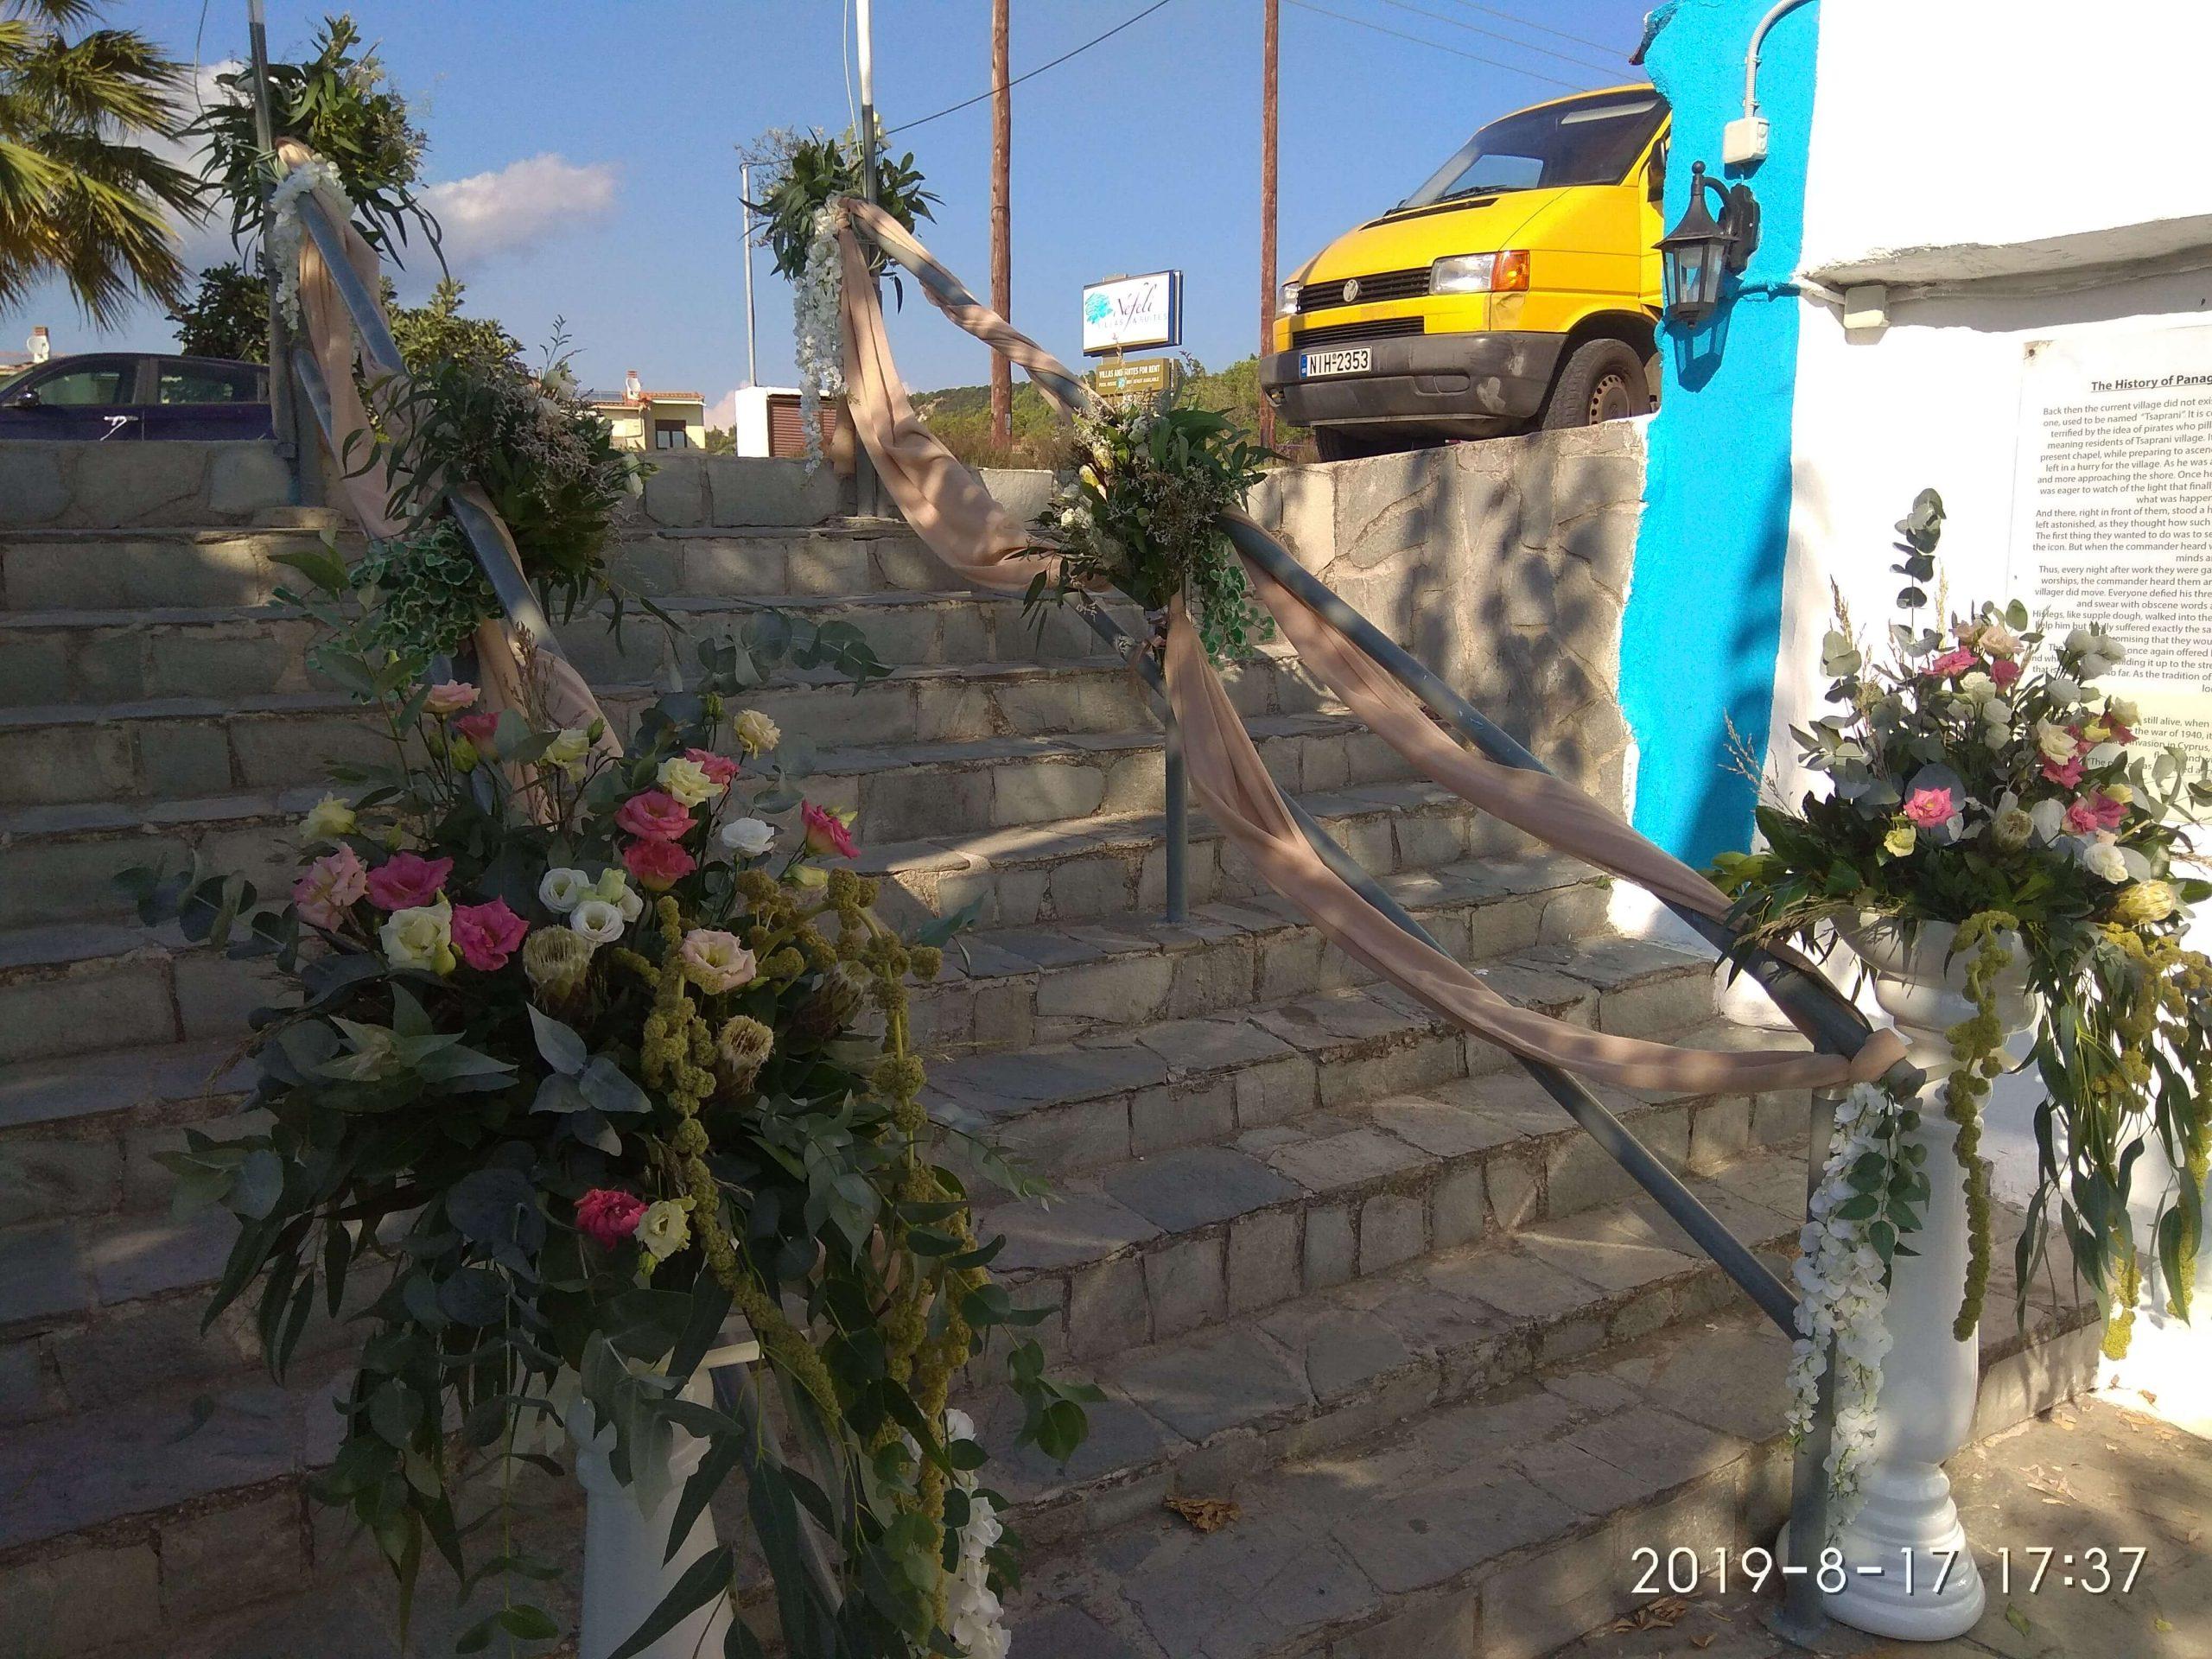 διακοσμήσεις γάμου στη Θεσσαλονίκη | Online ανθοπωλείο ανθοδημιουργίες Τούμπα Θεσσαλονίκης